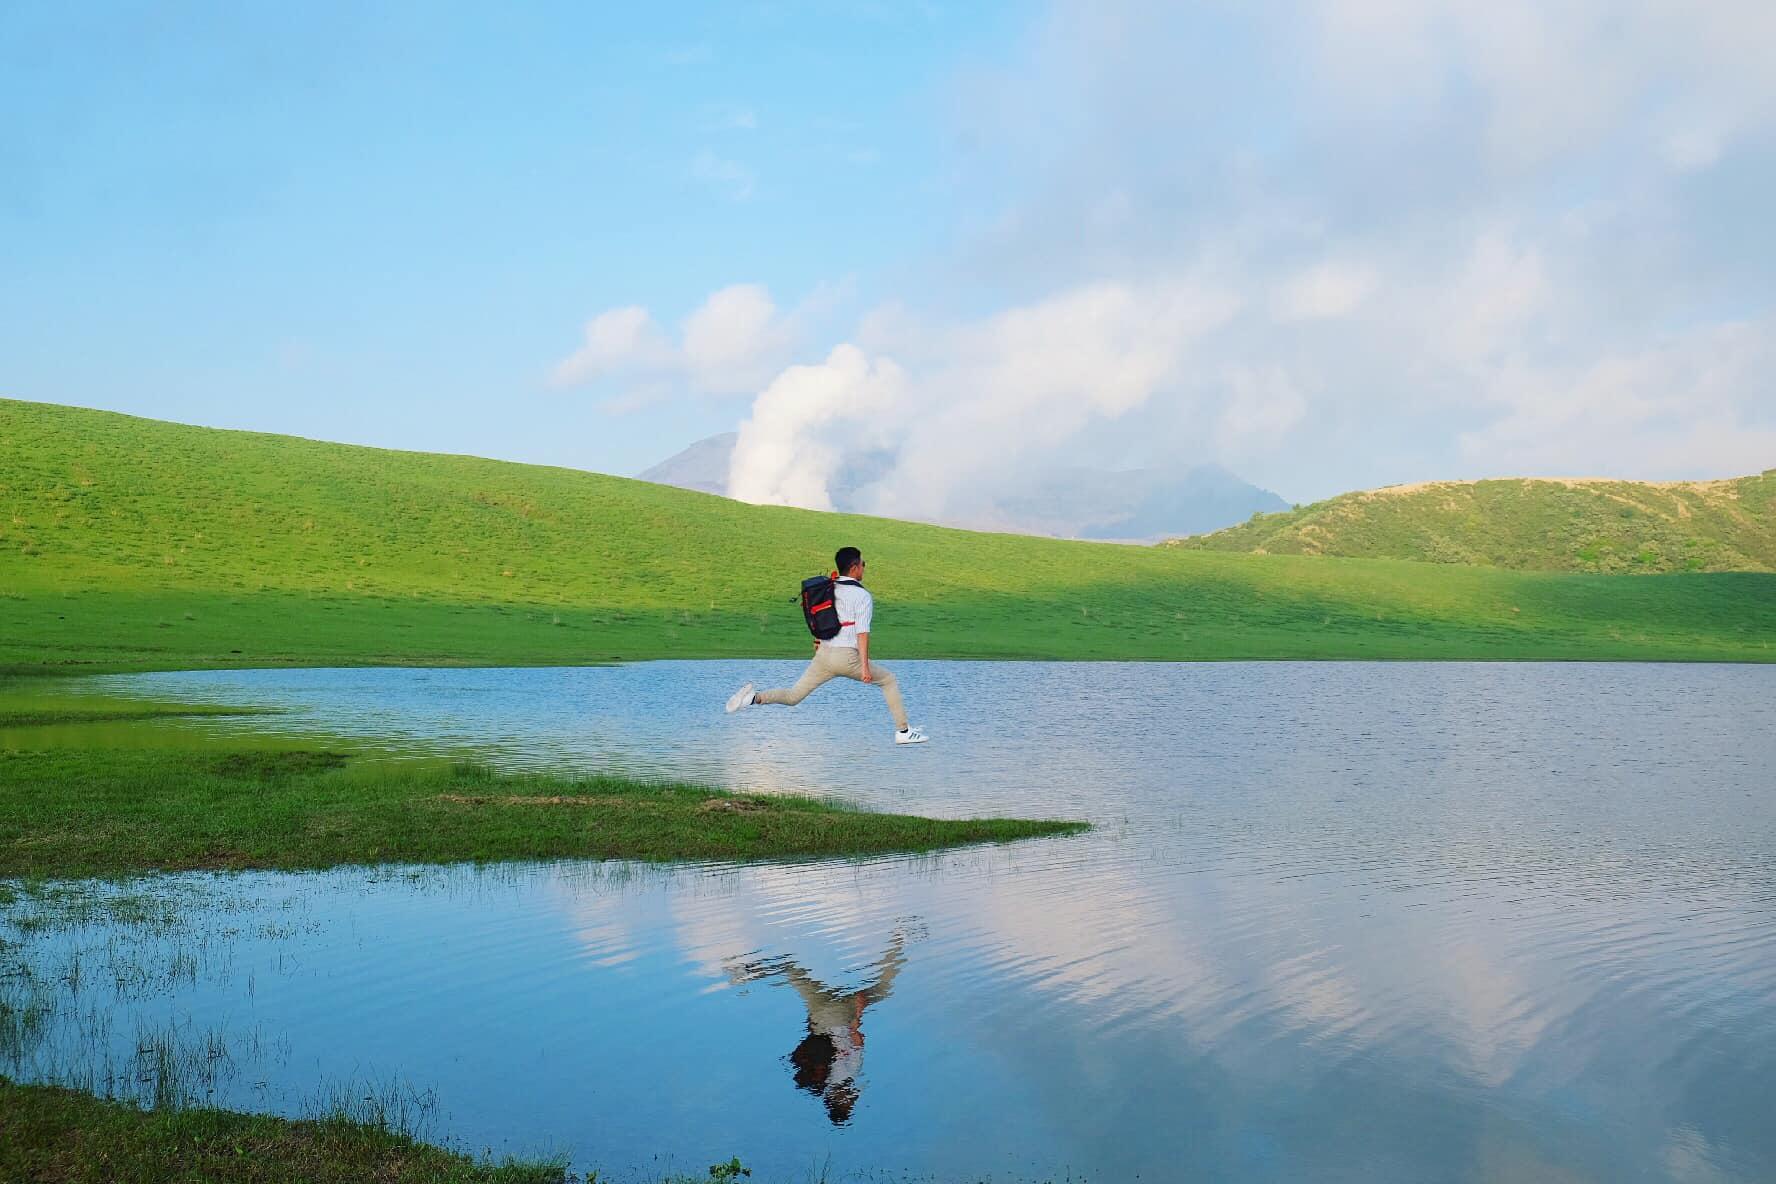 """Chàng trai Việt xin nghỉ việc, dành một tháng """"phượt"""" 10 tỉnh của Nhật Bản - Ảnh 6."""